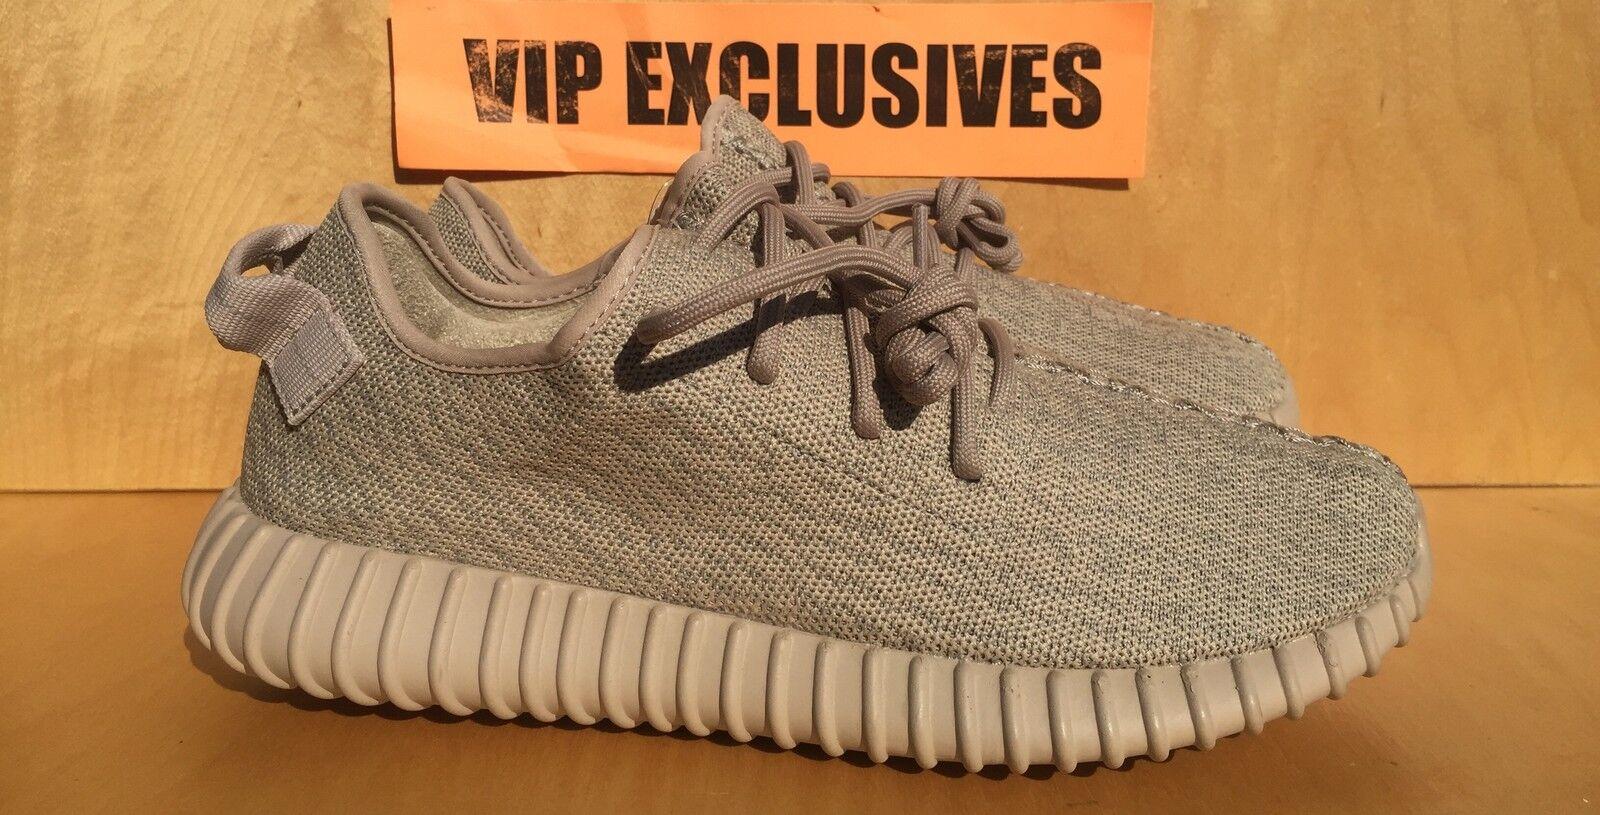 Adidas Yeezy 350 Boost Low Kanye West Oxford Hellbrauner Lichtstein AQ2661